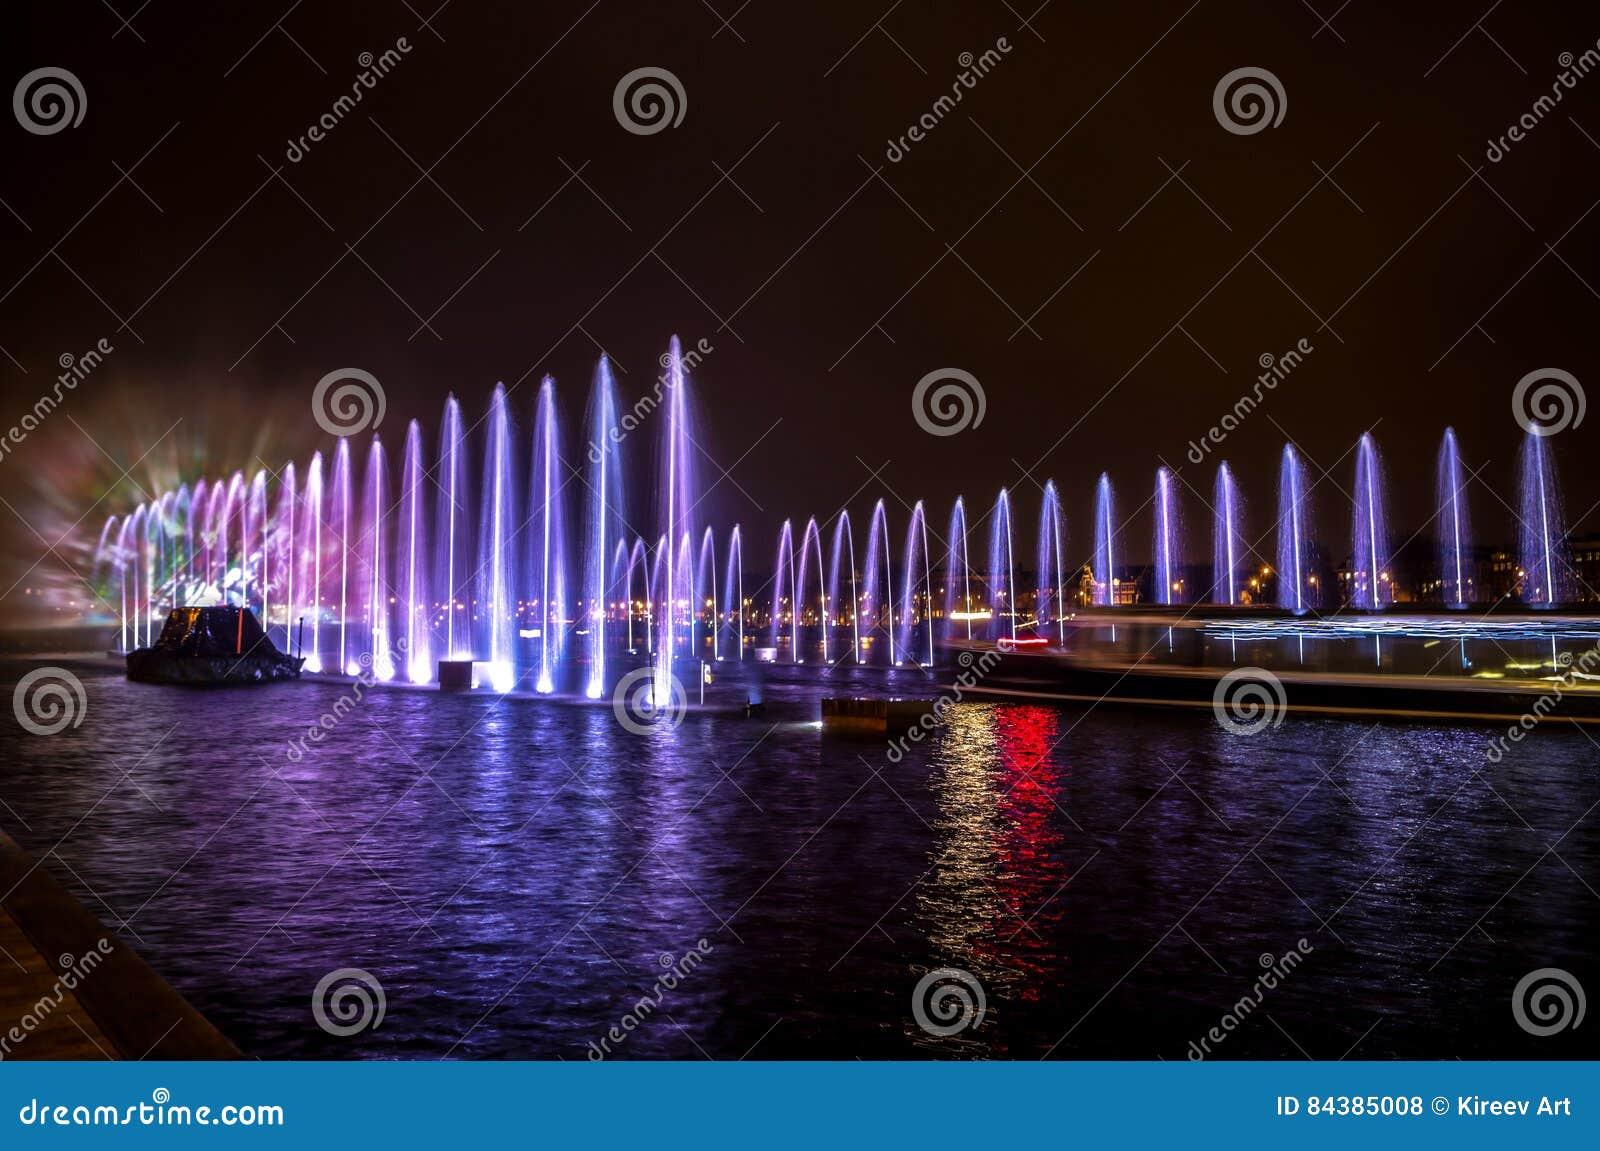 Licht Tour Amsterdam : Brunnen beleuchten kunst nachts während des amsterdam licht